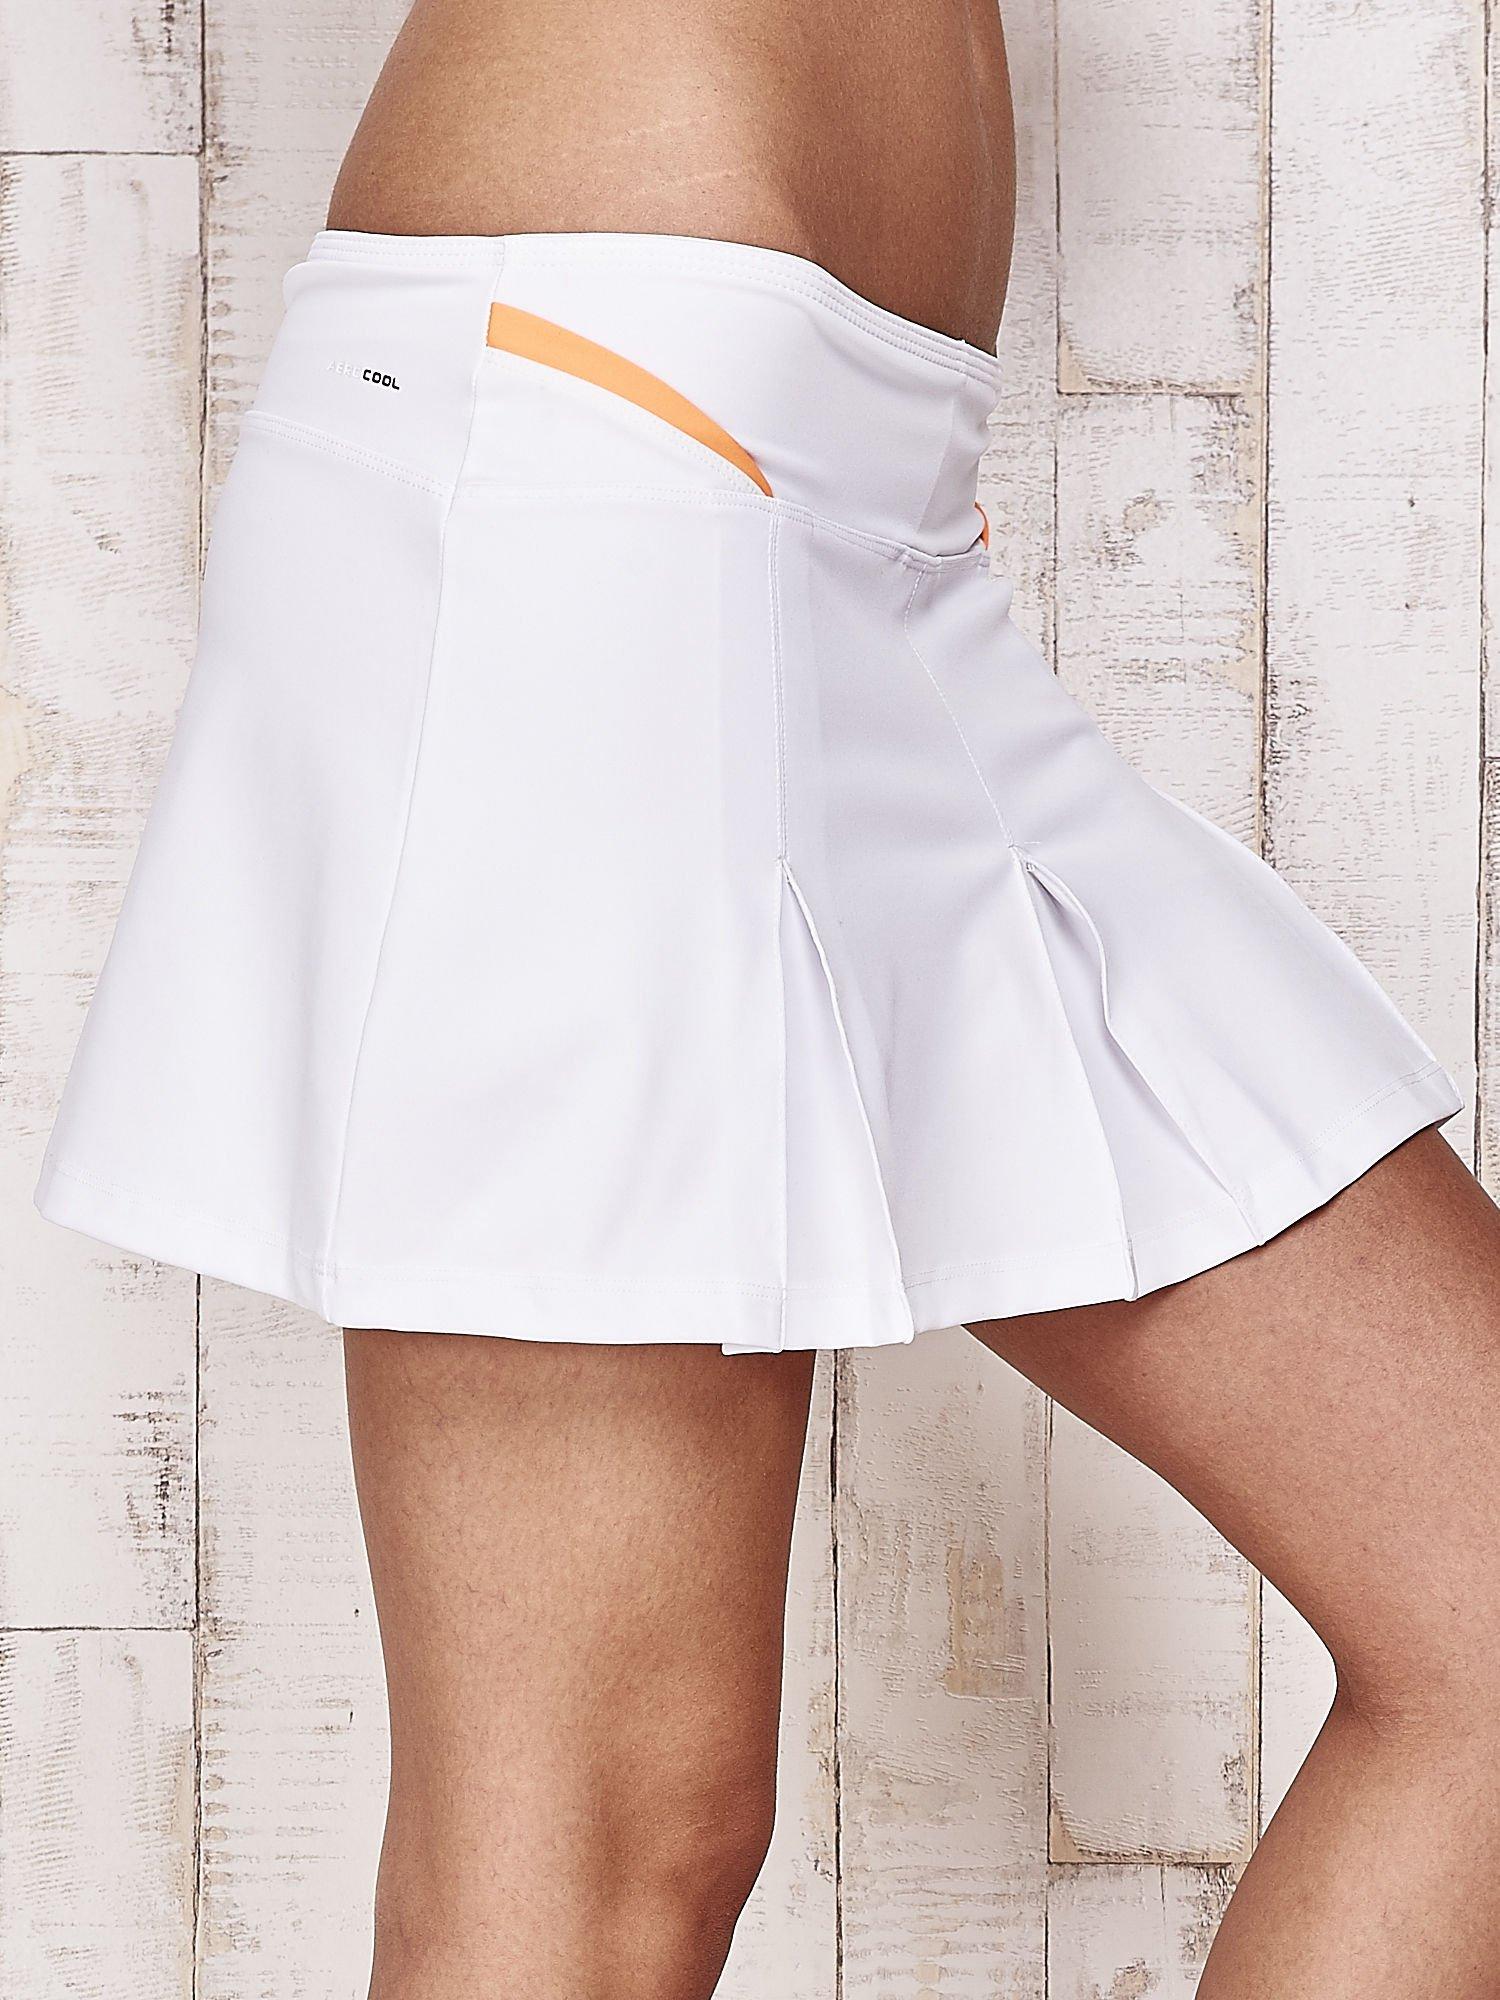 Białe spodenki spódniczka tenisowa z pomarańczowymi wstawkami                                  zdj.                                  5